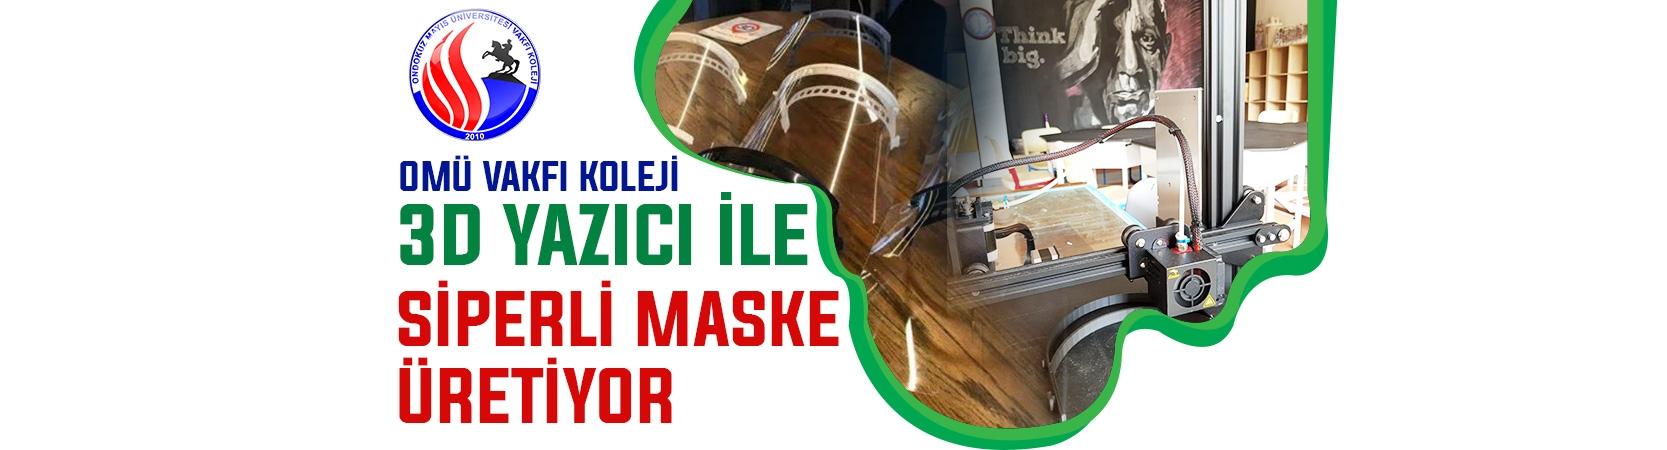 OMÜ Vakfı Koleji'nde 3D Yazıcı İle Siperli Maske Üretildi